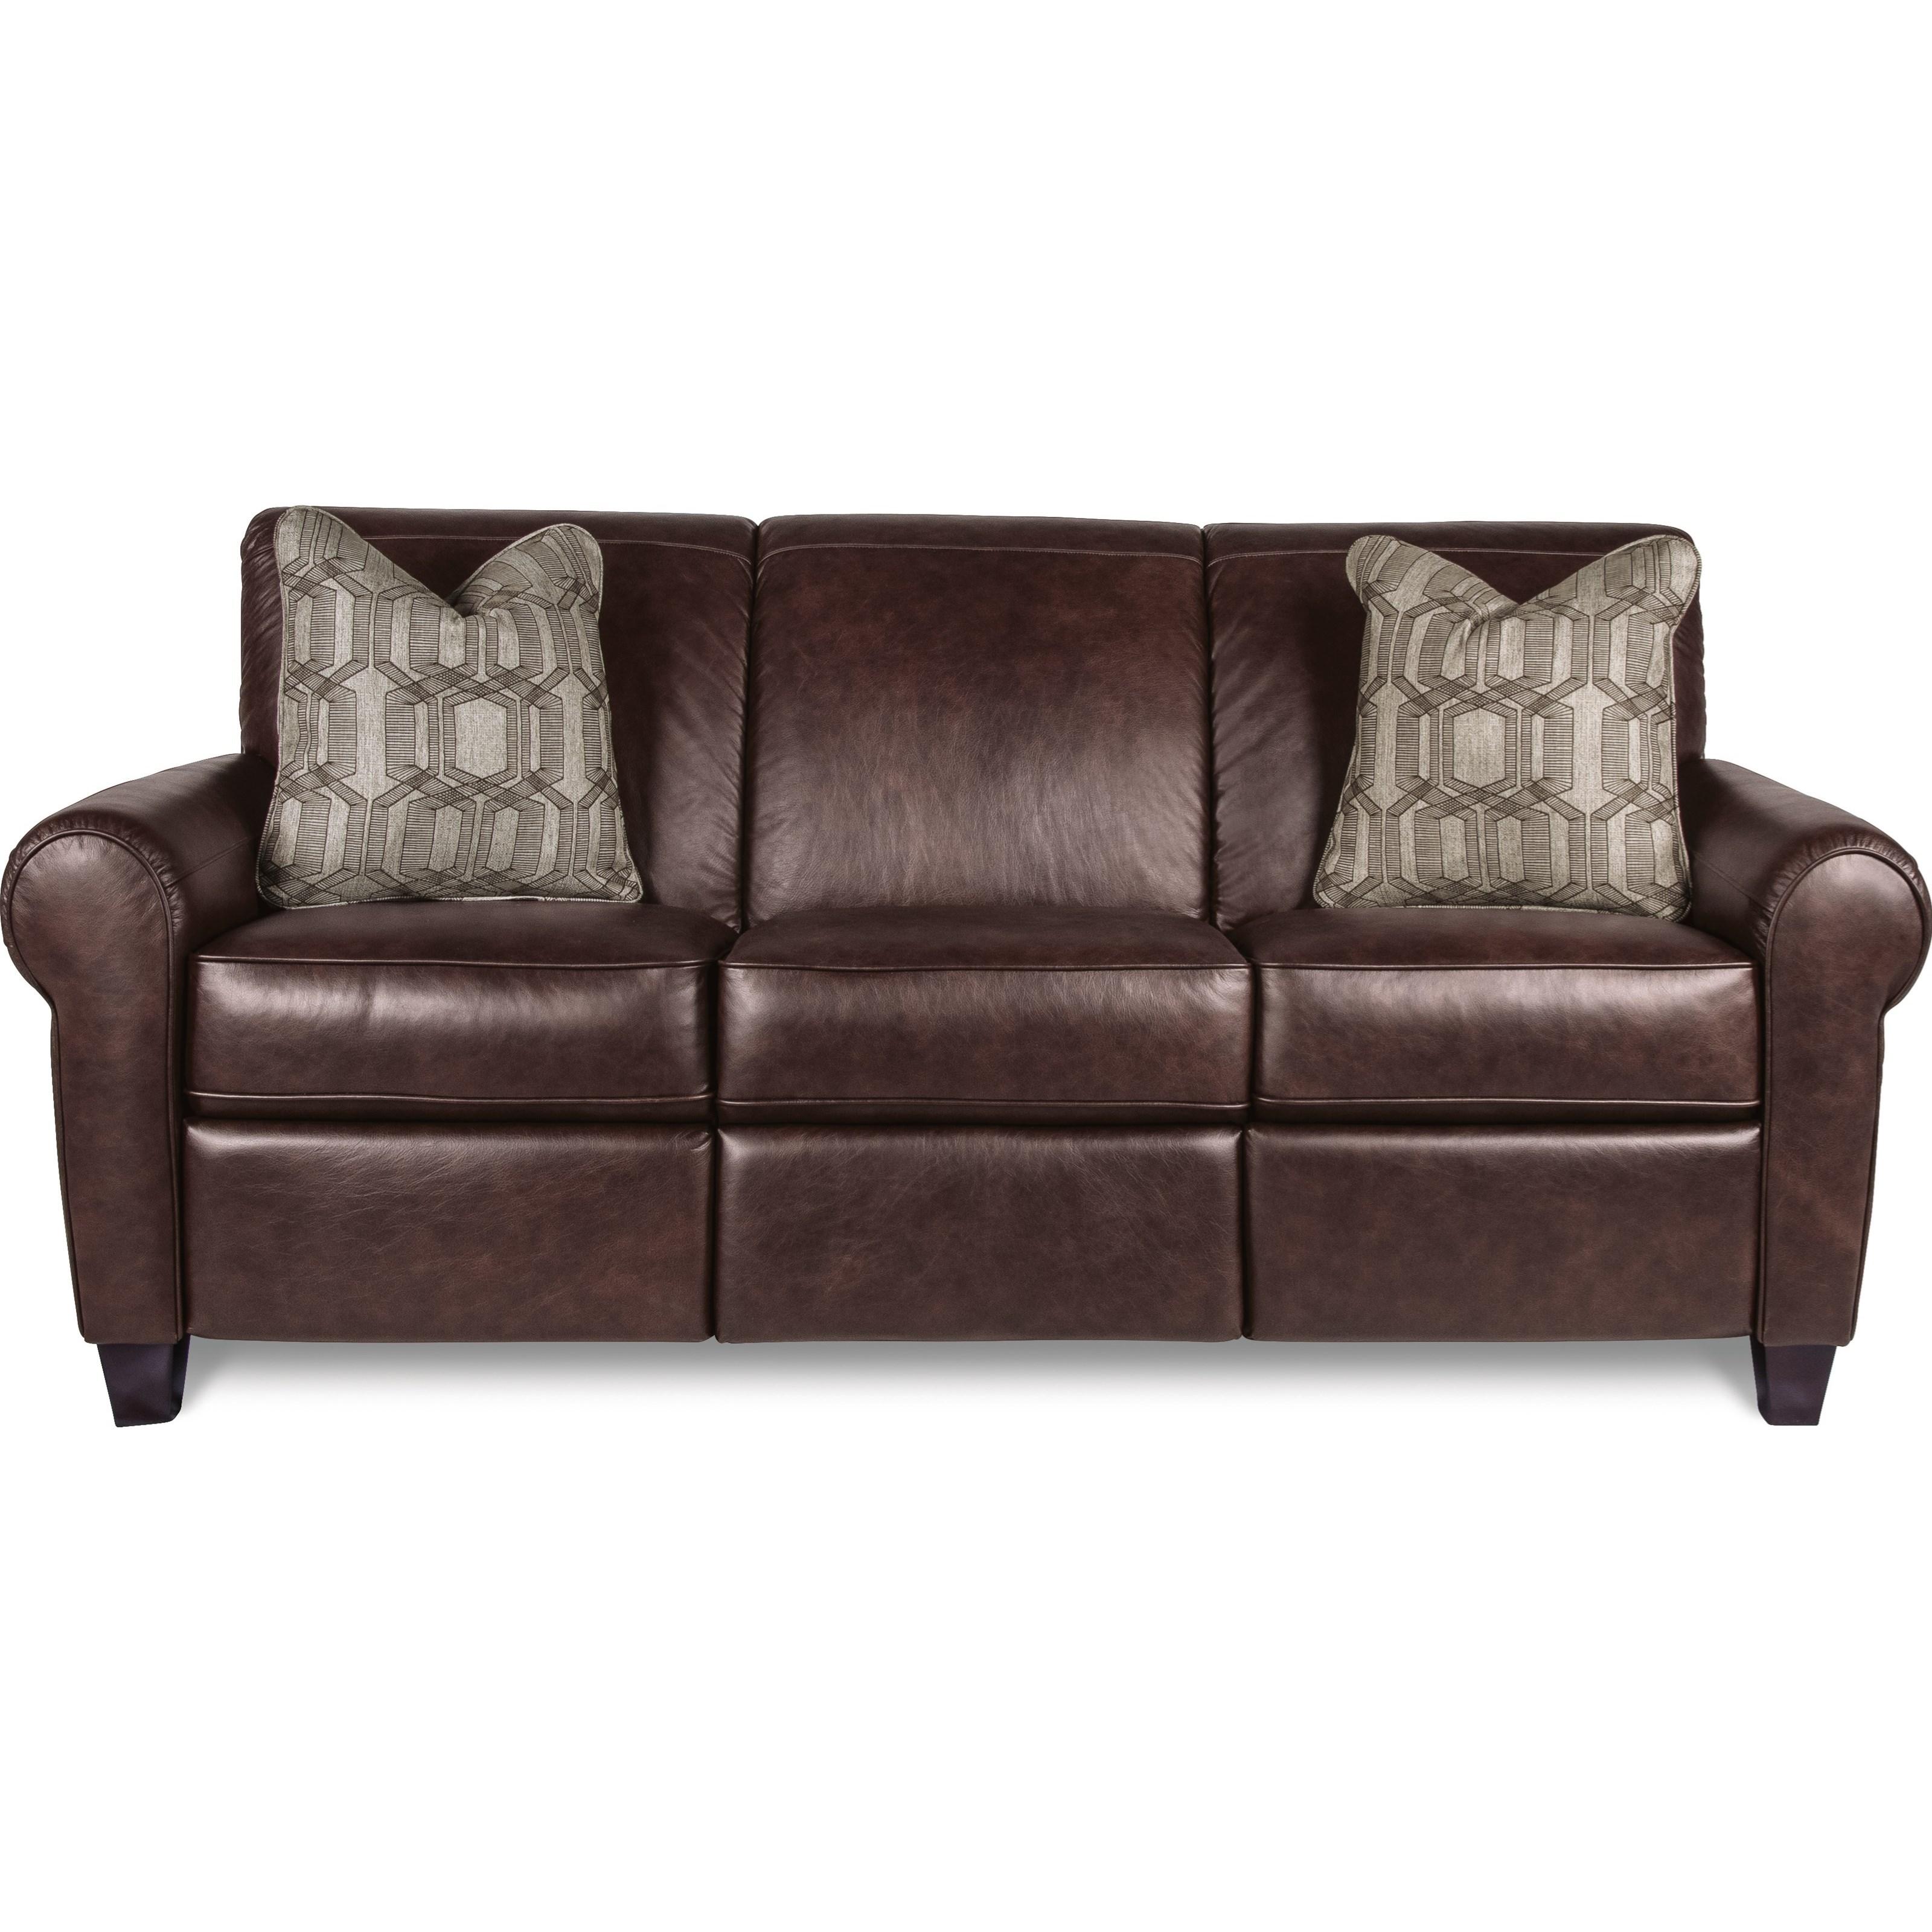 La Z Boy Bennett Duo Power Reclining Sofa With Usb